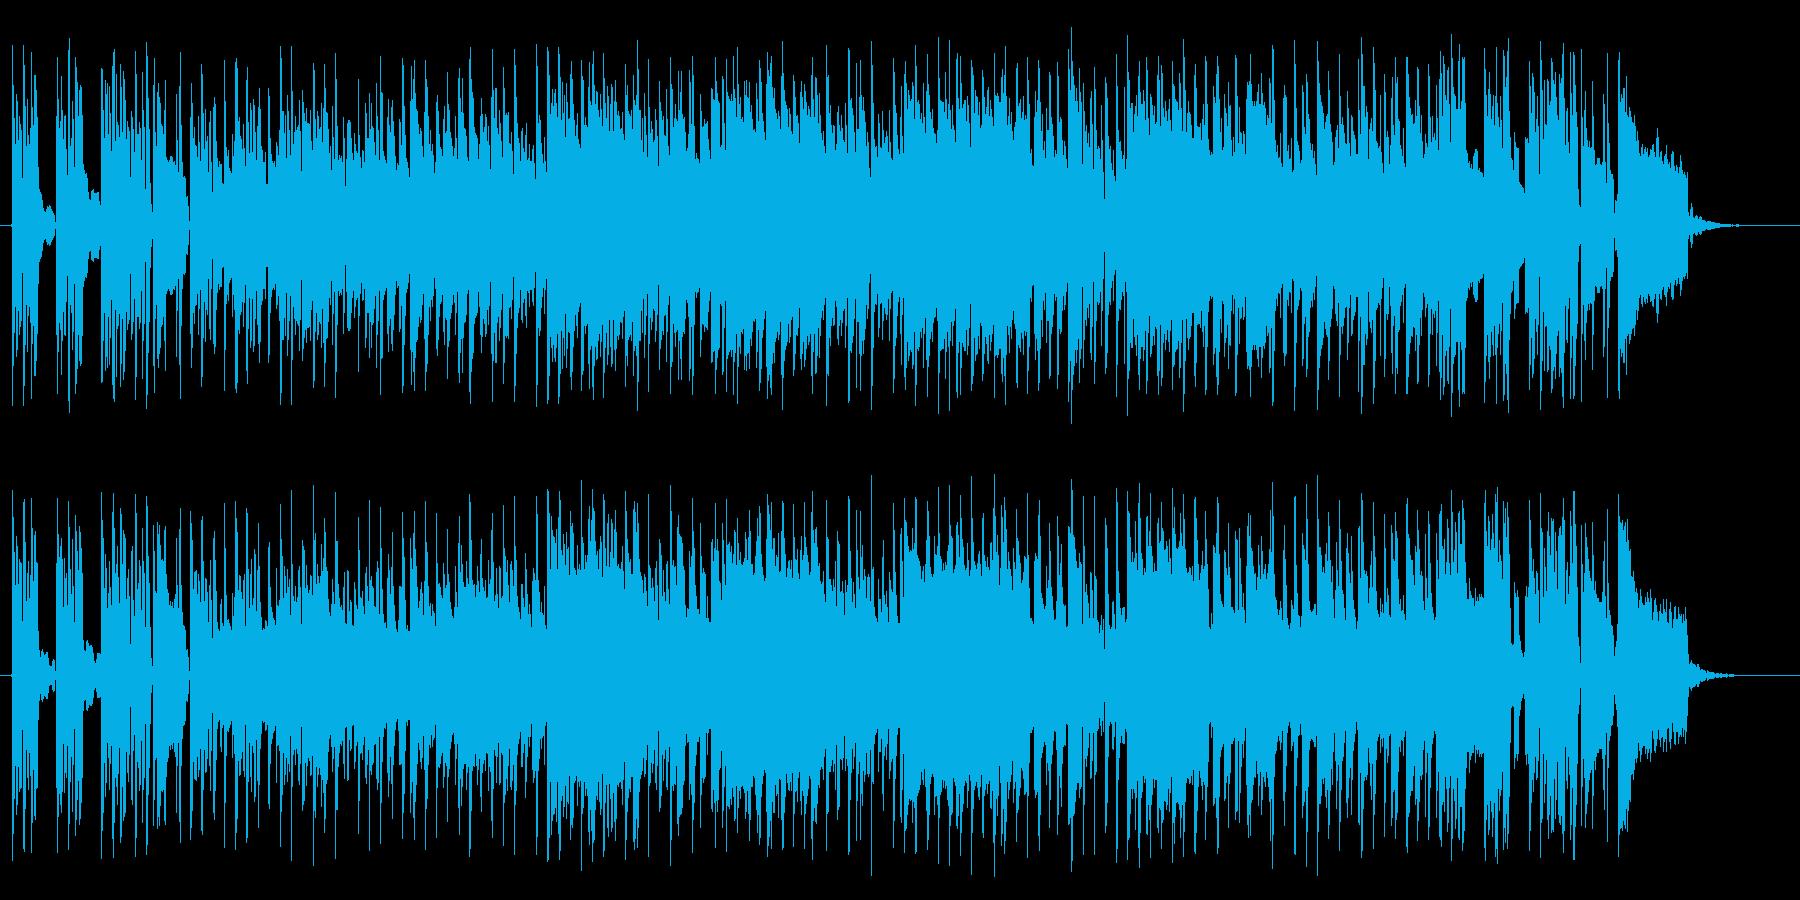 リズミカルで華麗なピアノサウンドの再生済みの波形